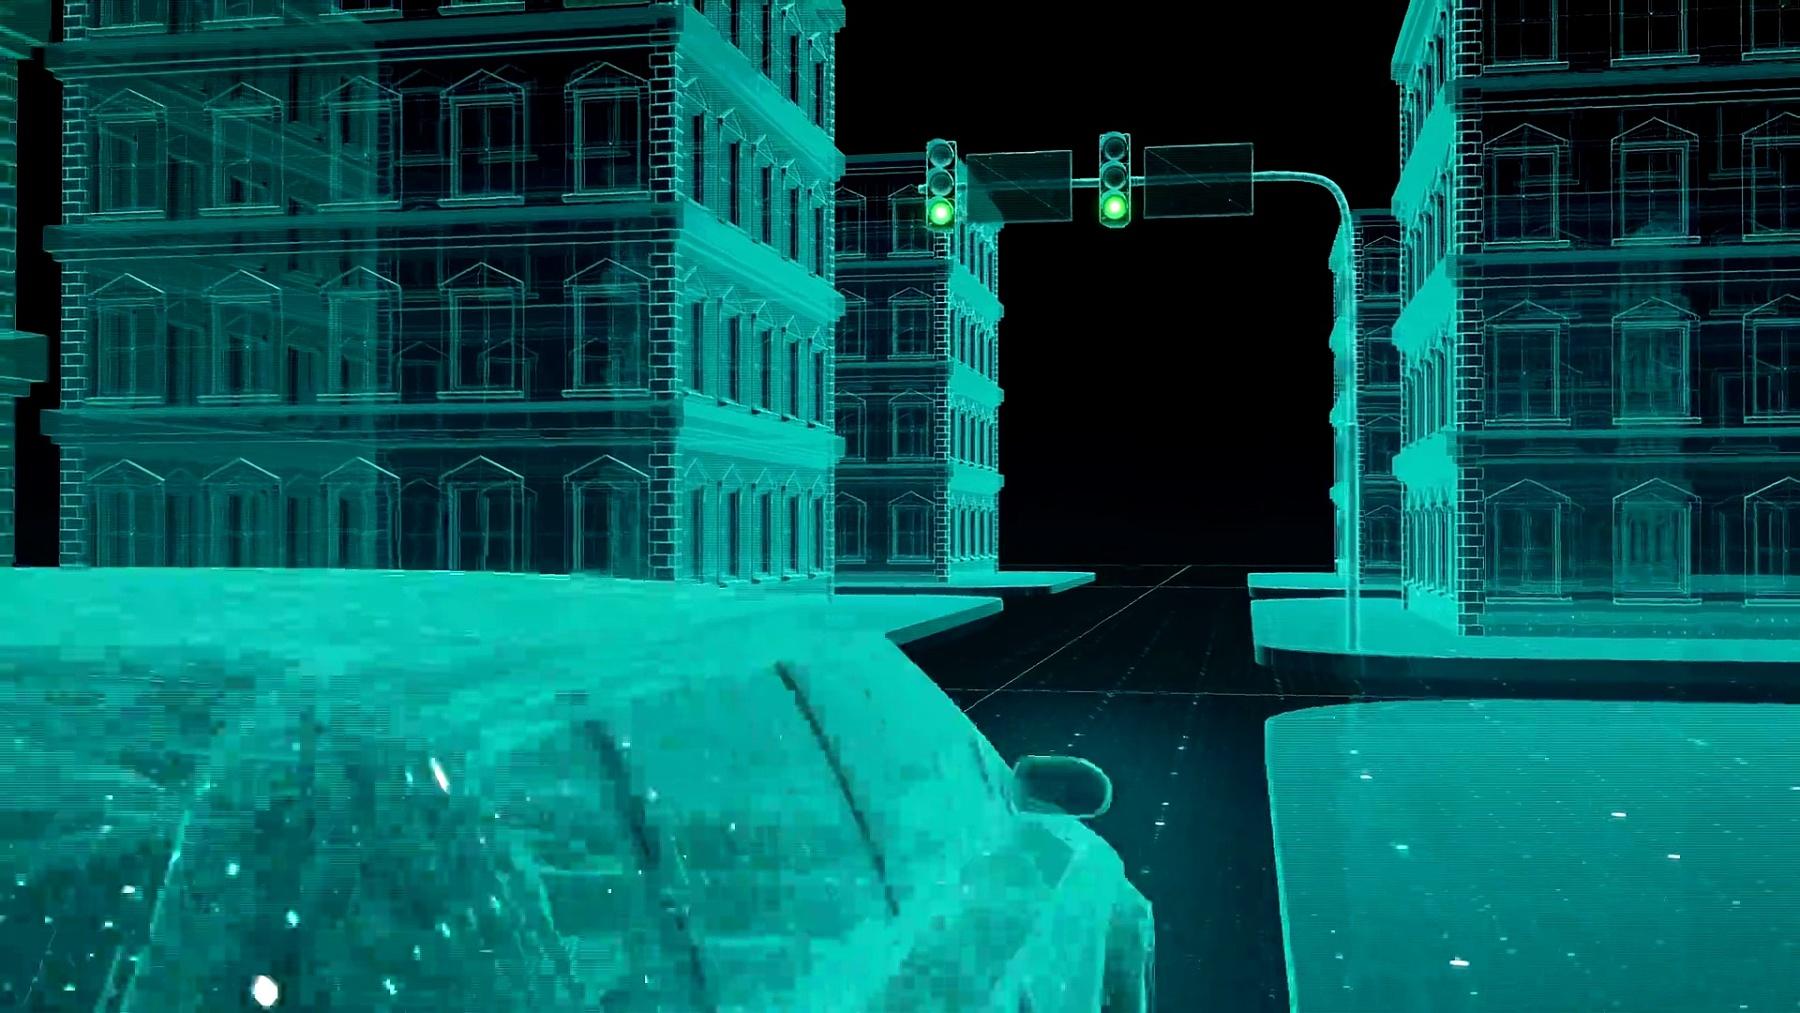 自动驾驶汽车连接交通信息控制系统,物联网概念。